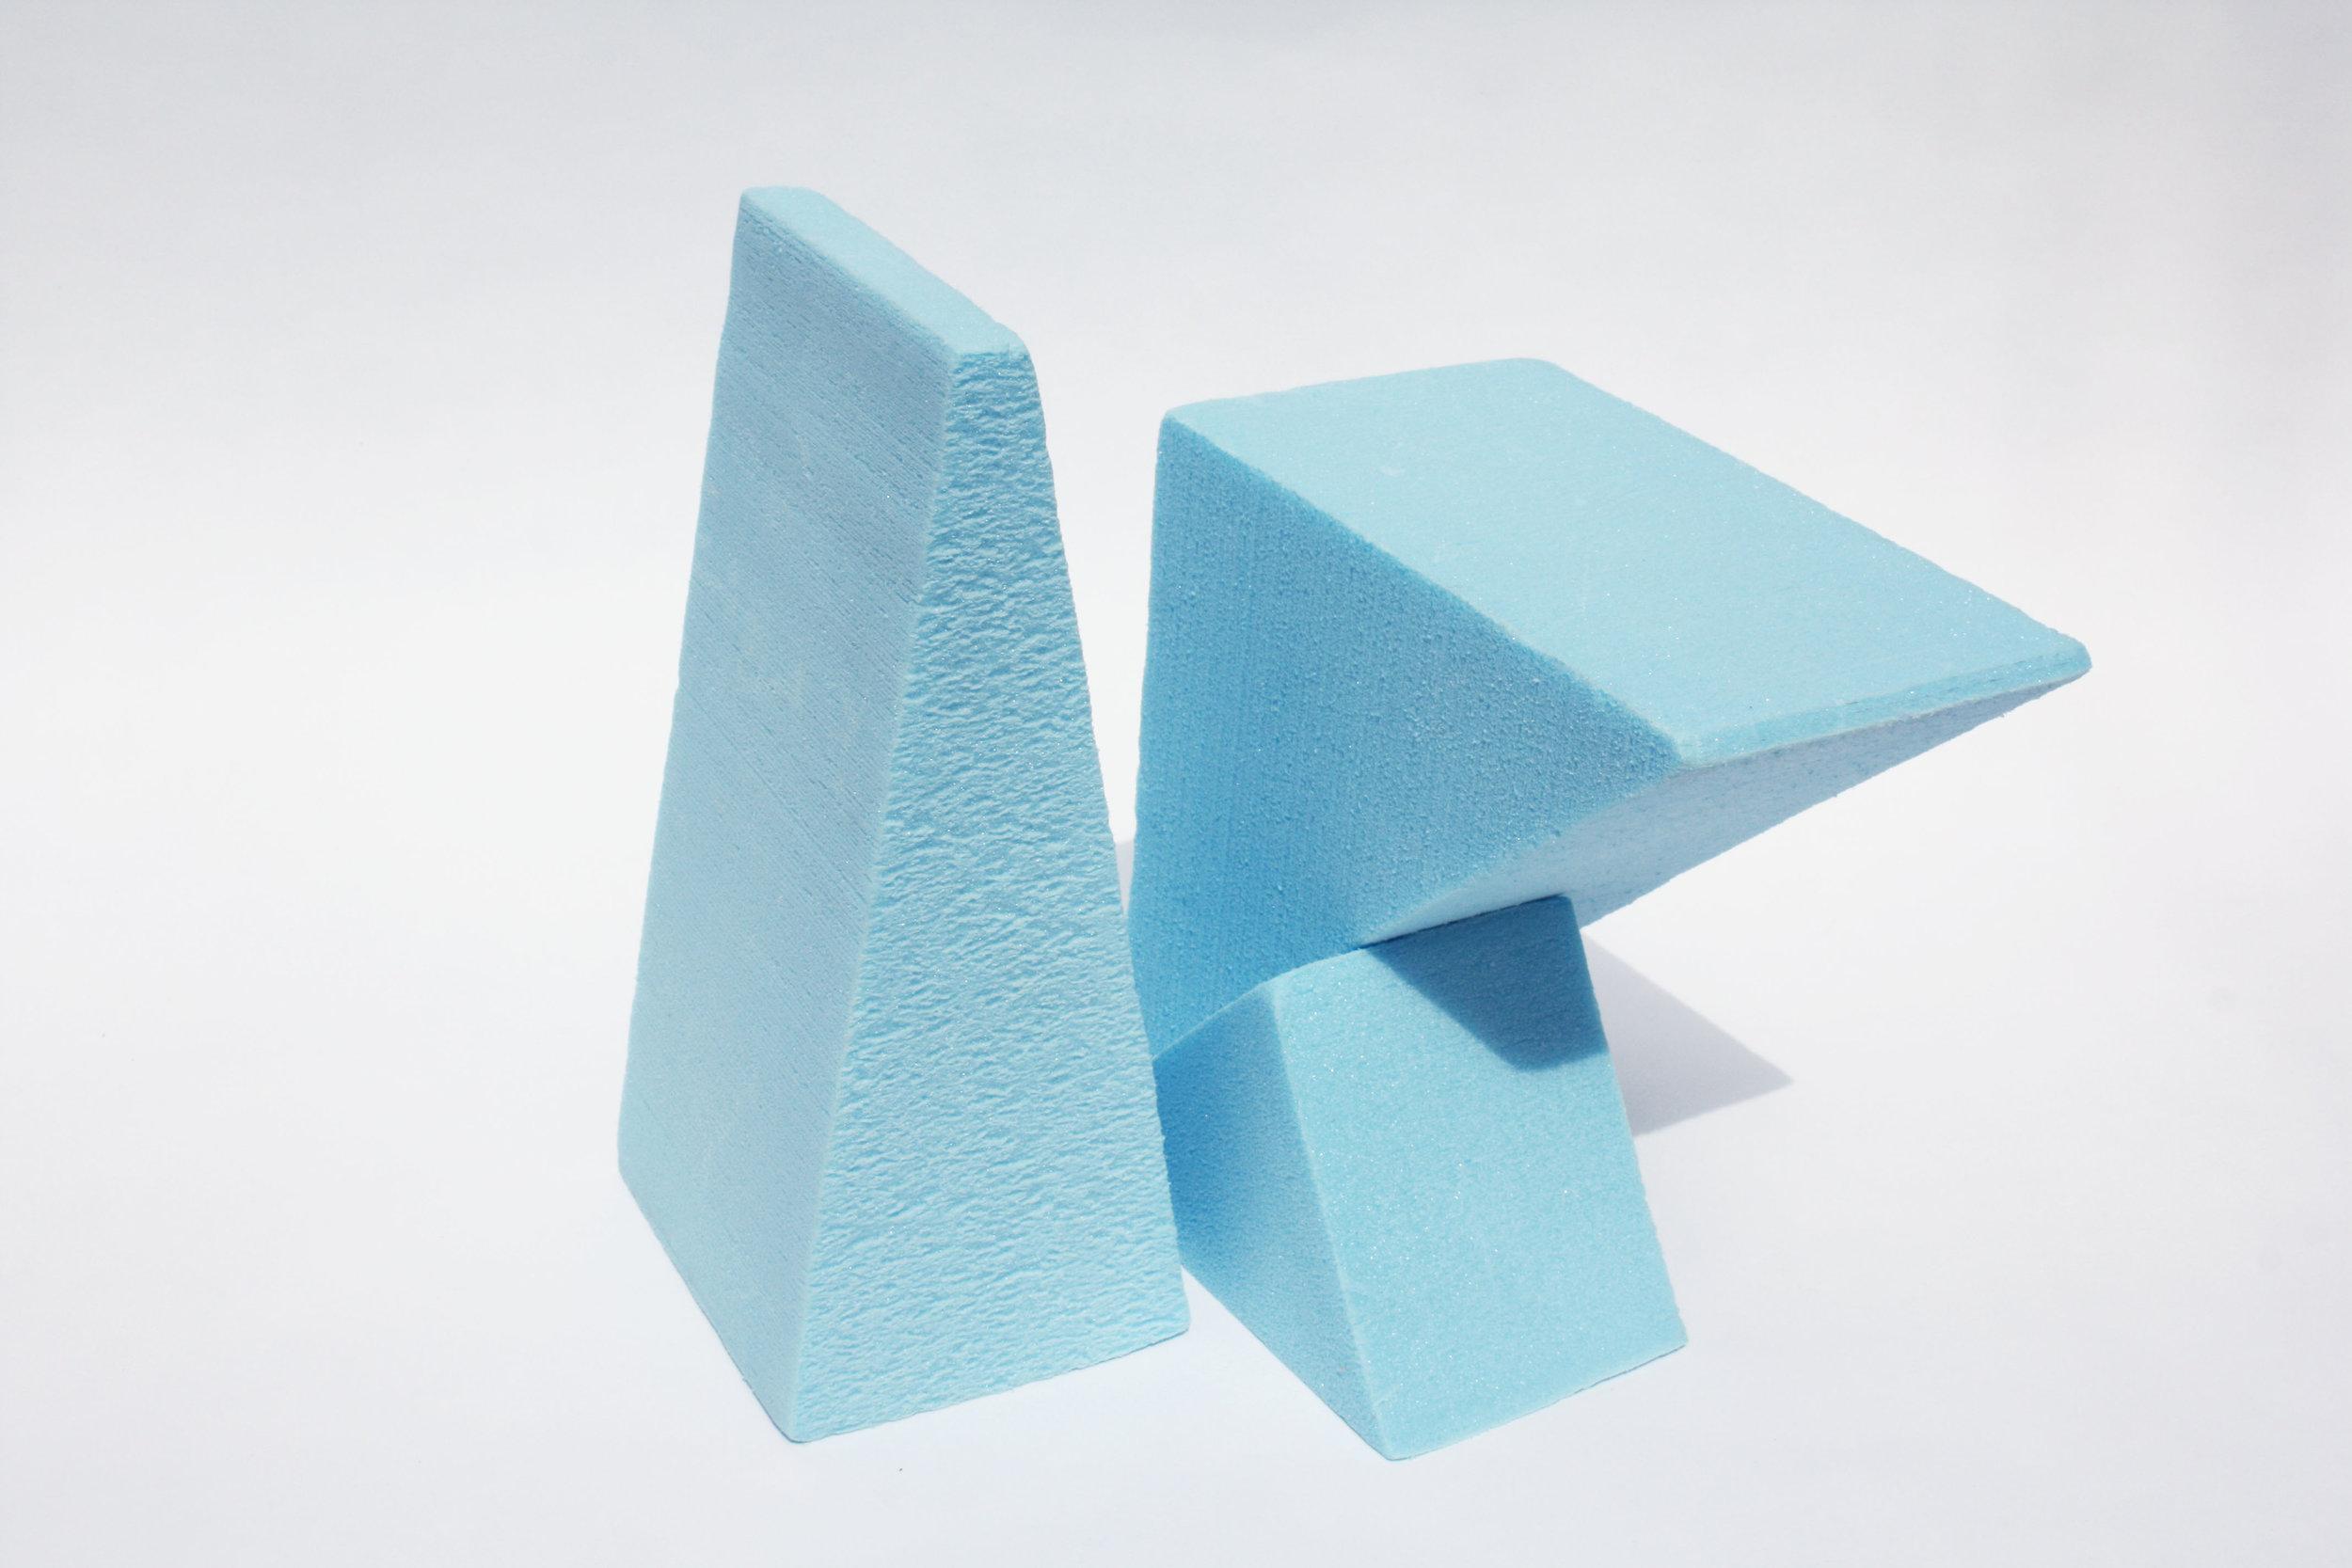 Industrial blue foam Waste